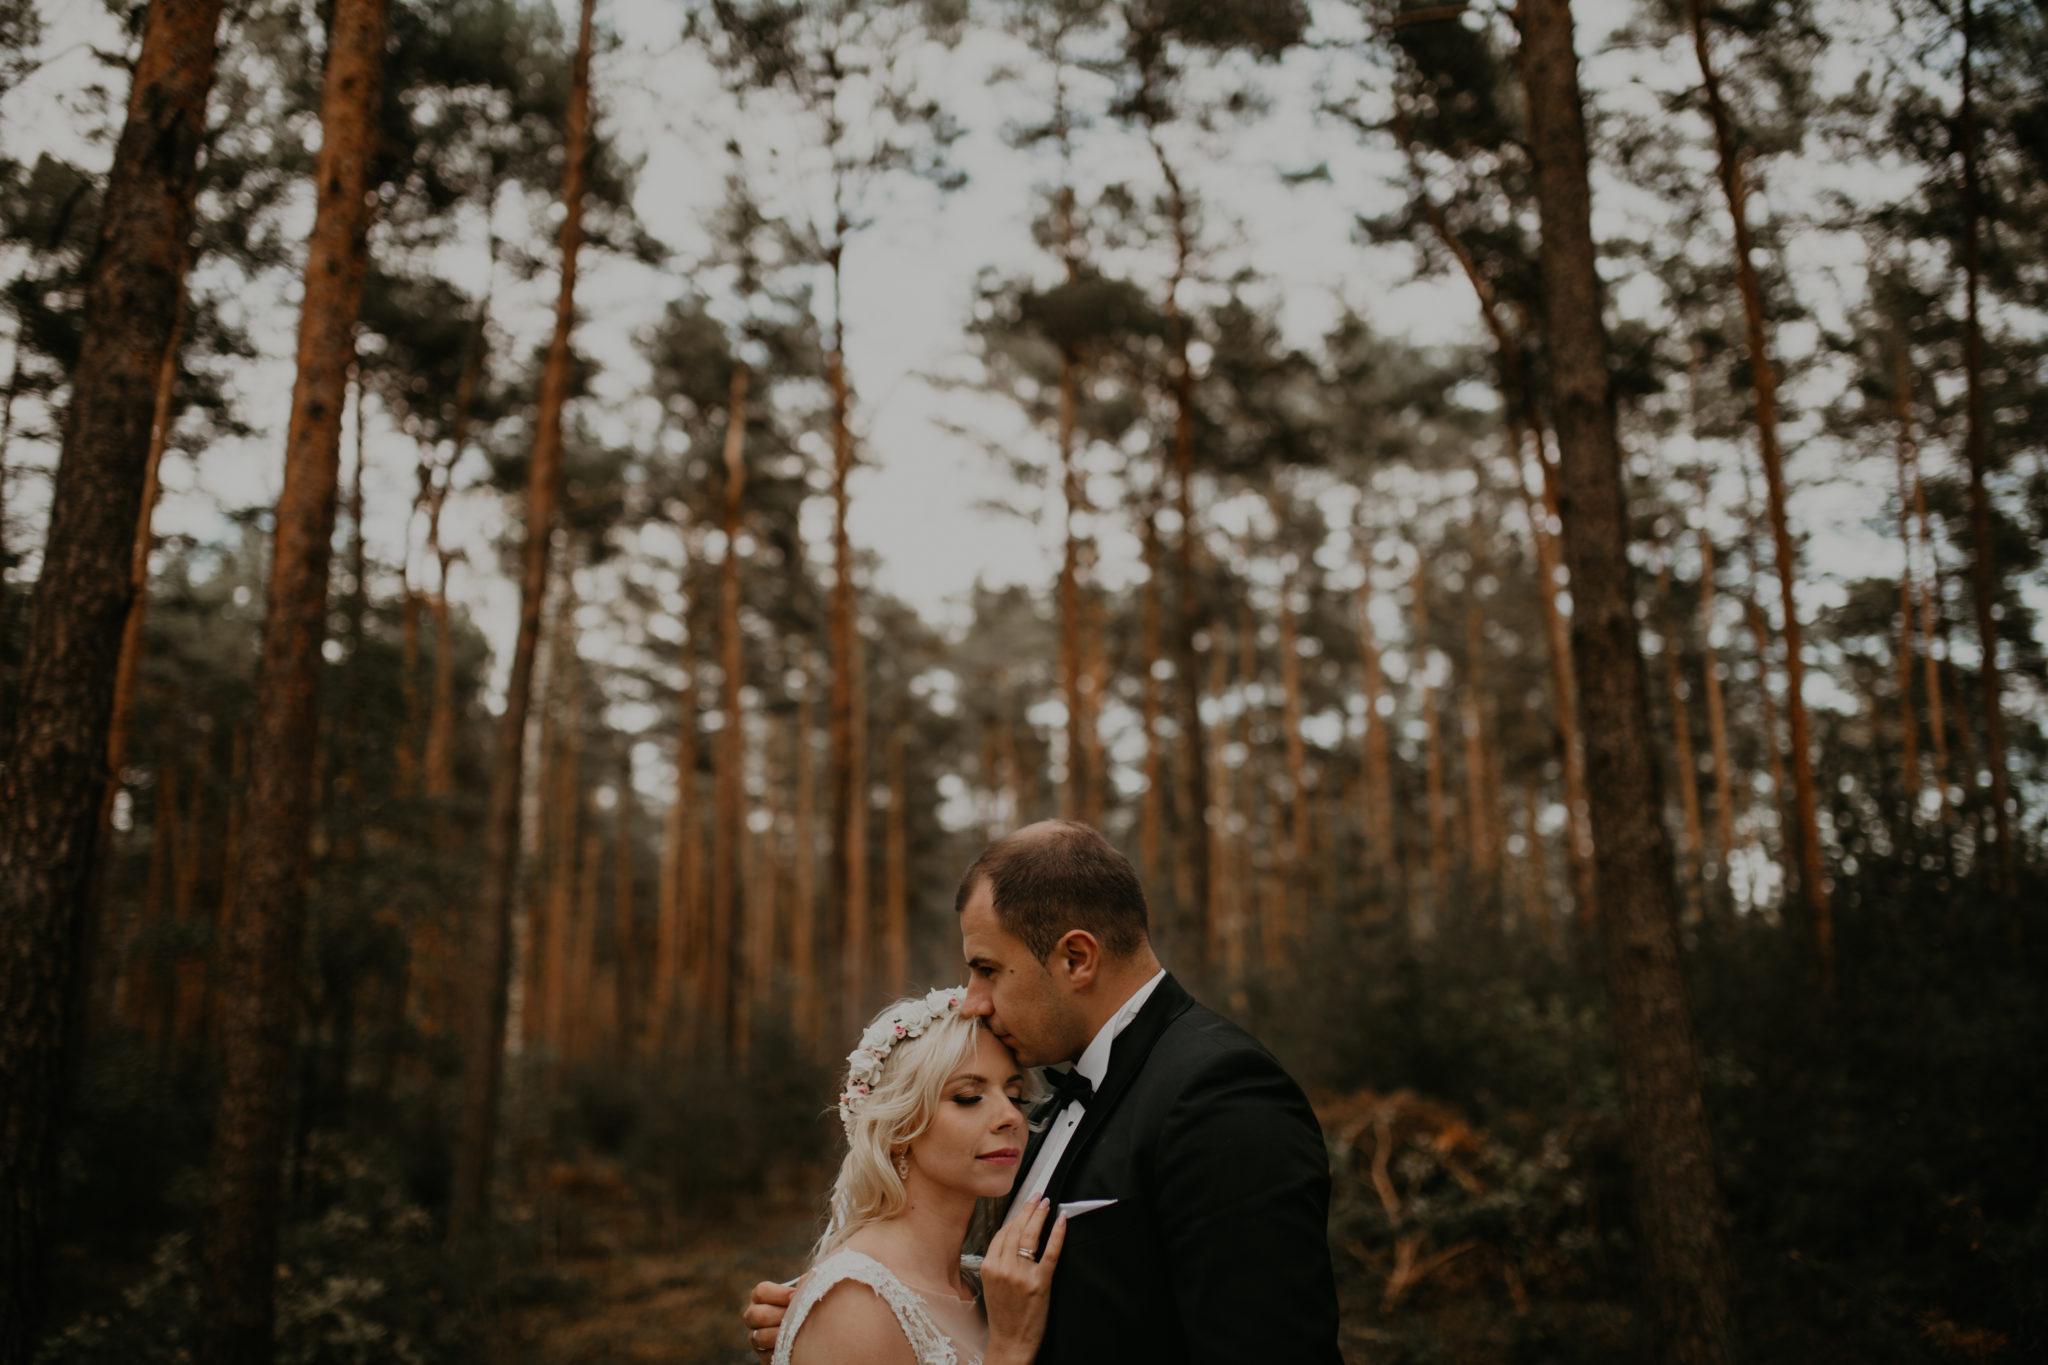 asia i mateuszplener 25 - fotografiaam Fotografia ślubna RK wedding